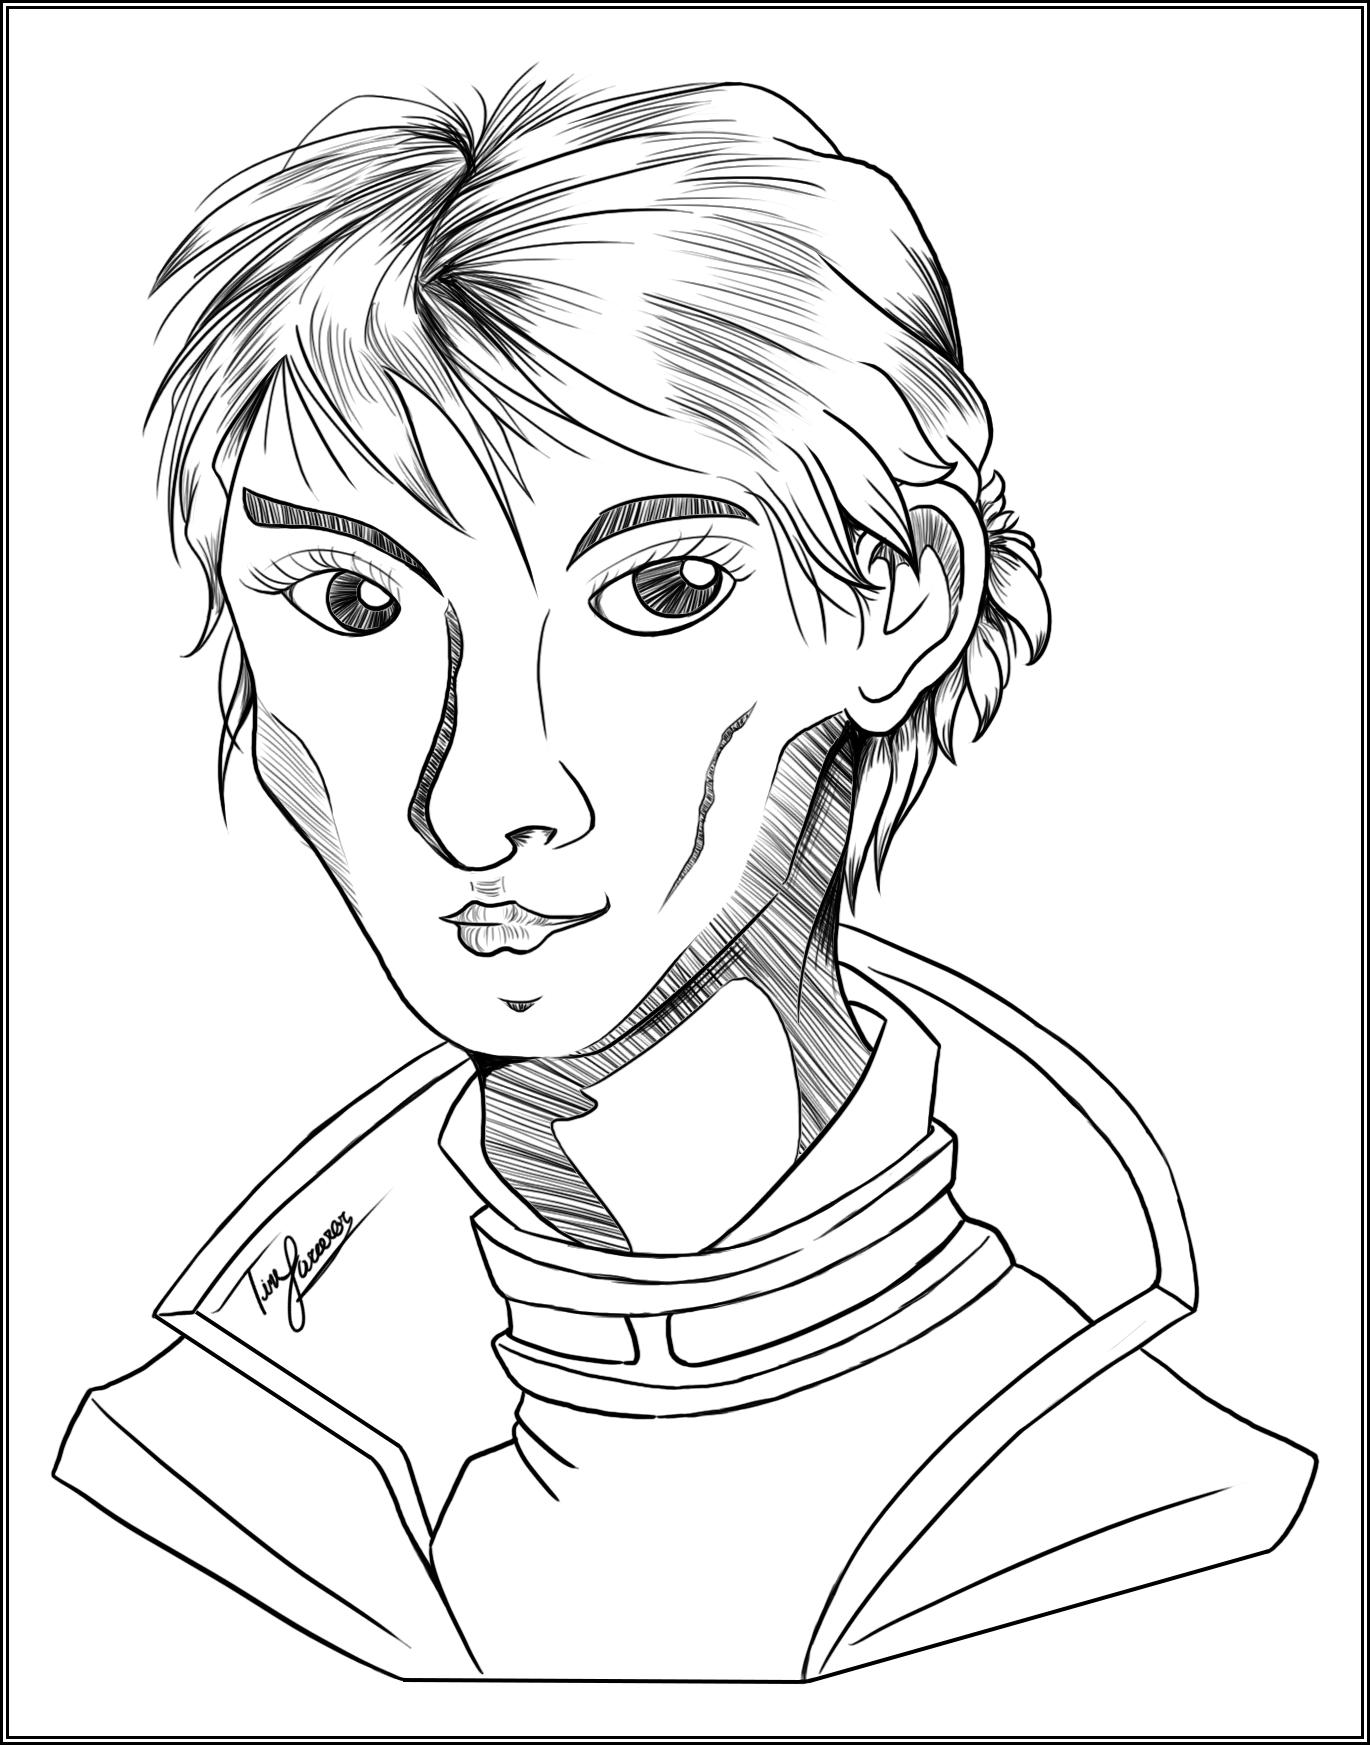 Day 13: Favorite Female Character from DA:I (Cassandra Pentaghast)